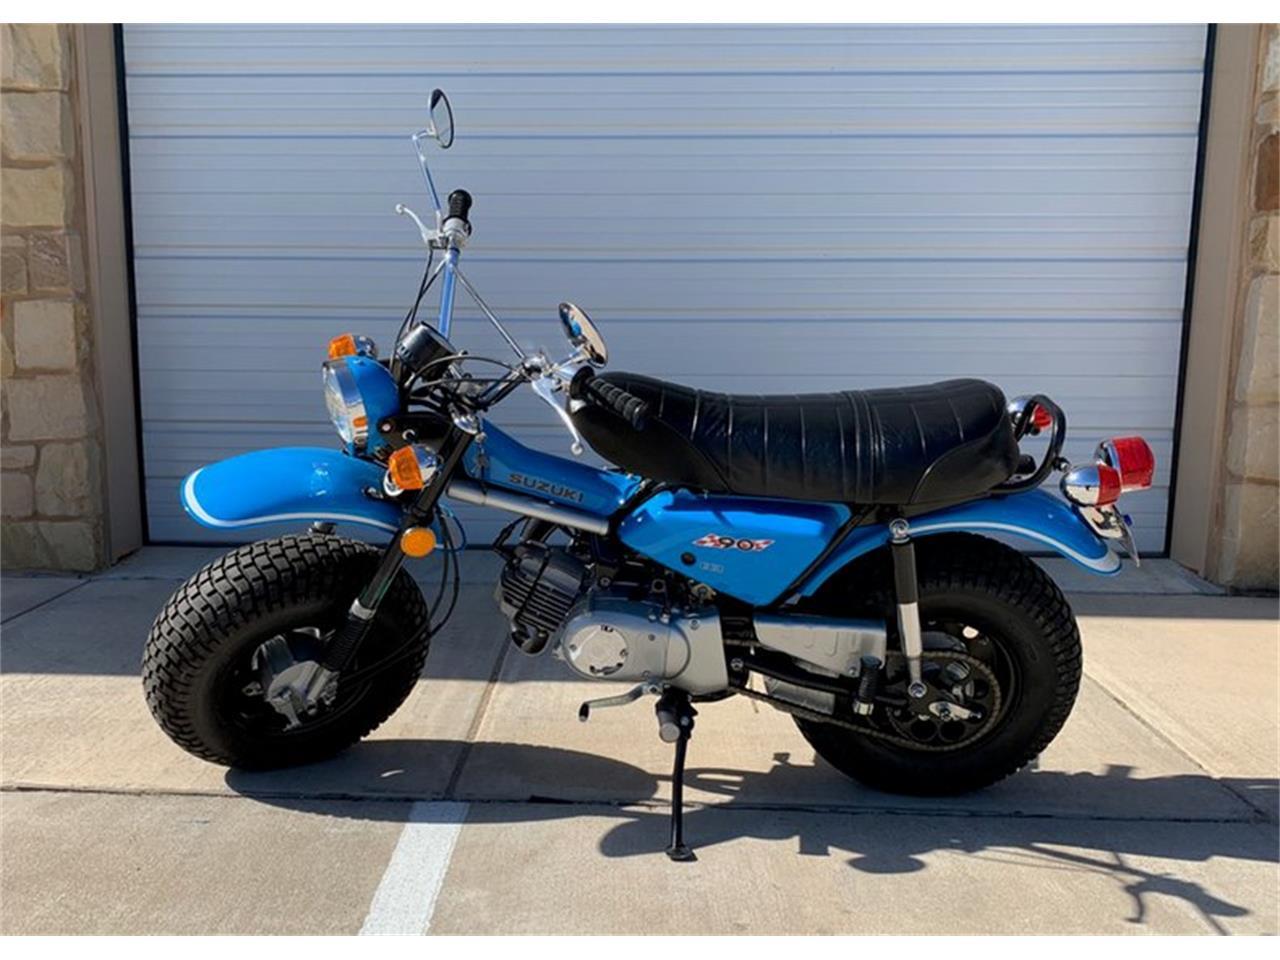 Suzuki Dealer Okc >> Suzuki Motorcycle Dealer Okc